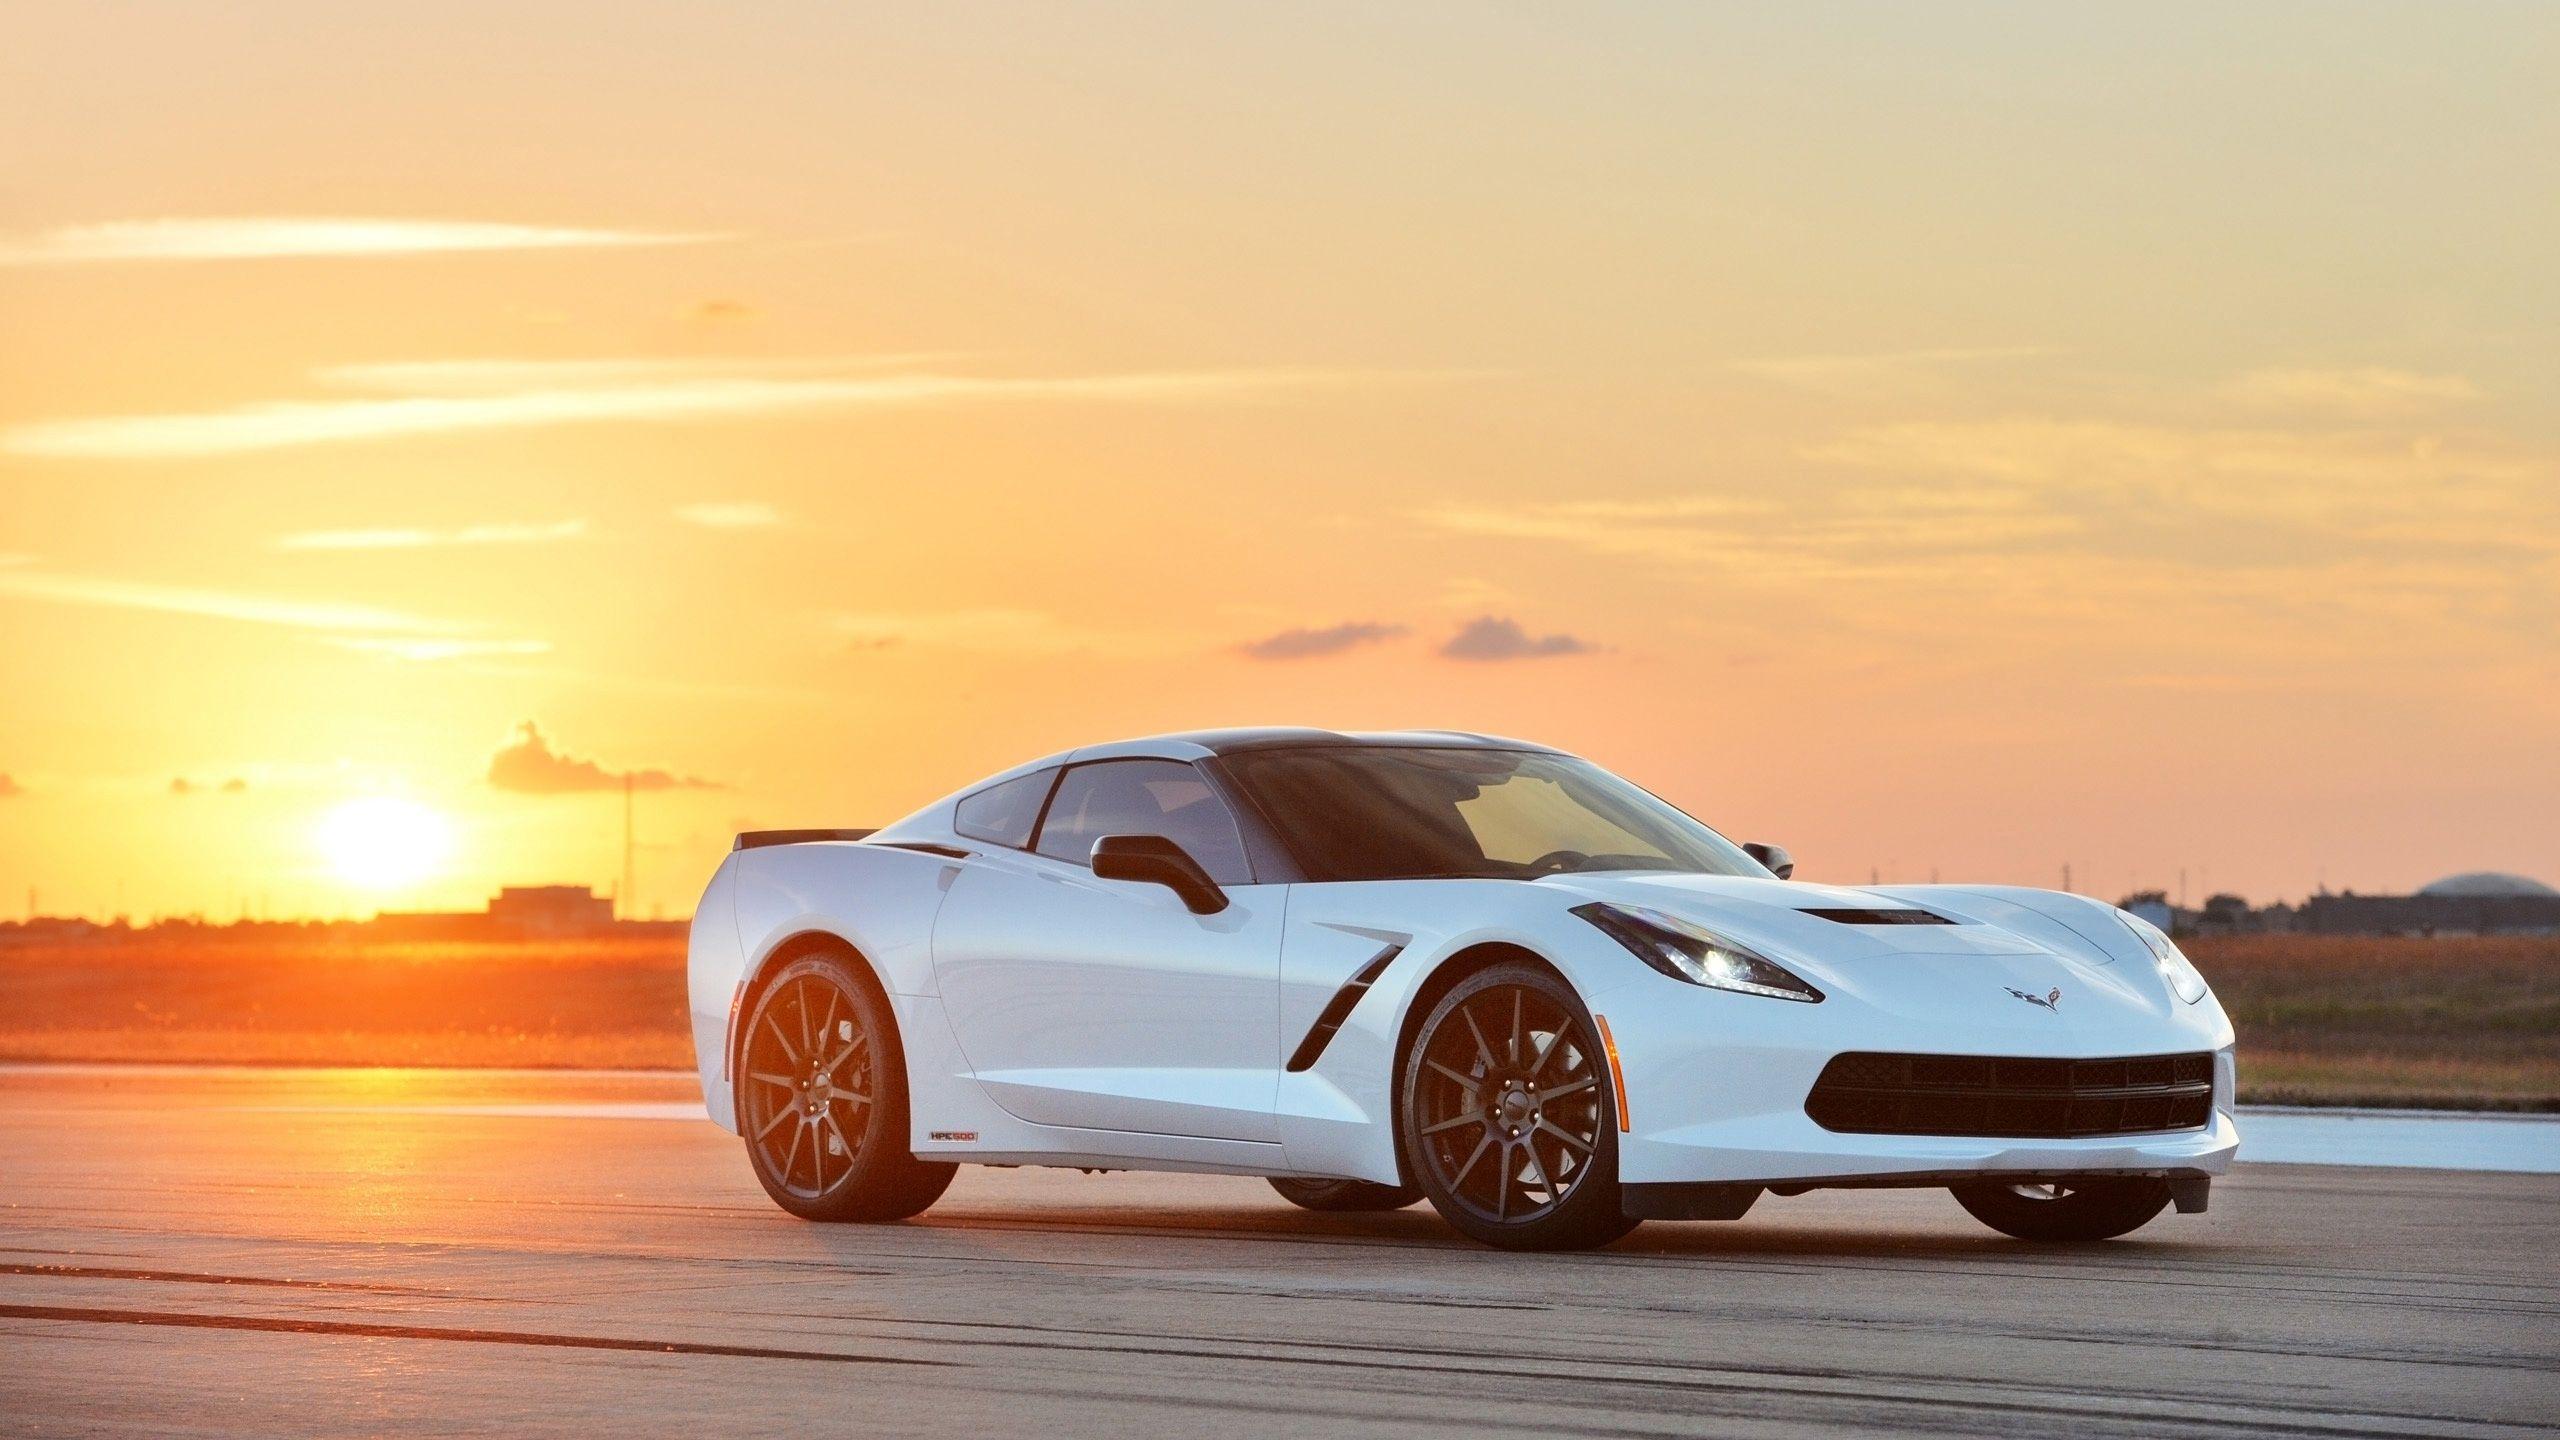 Corvette Wallpapers   4ATD62V   4USkY 2560x1440